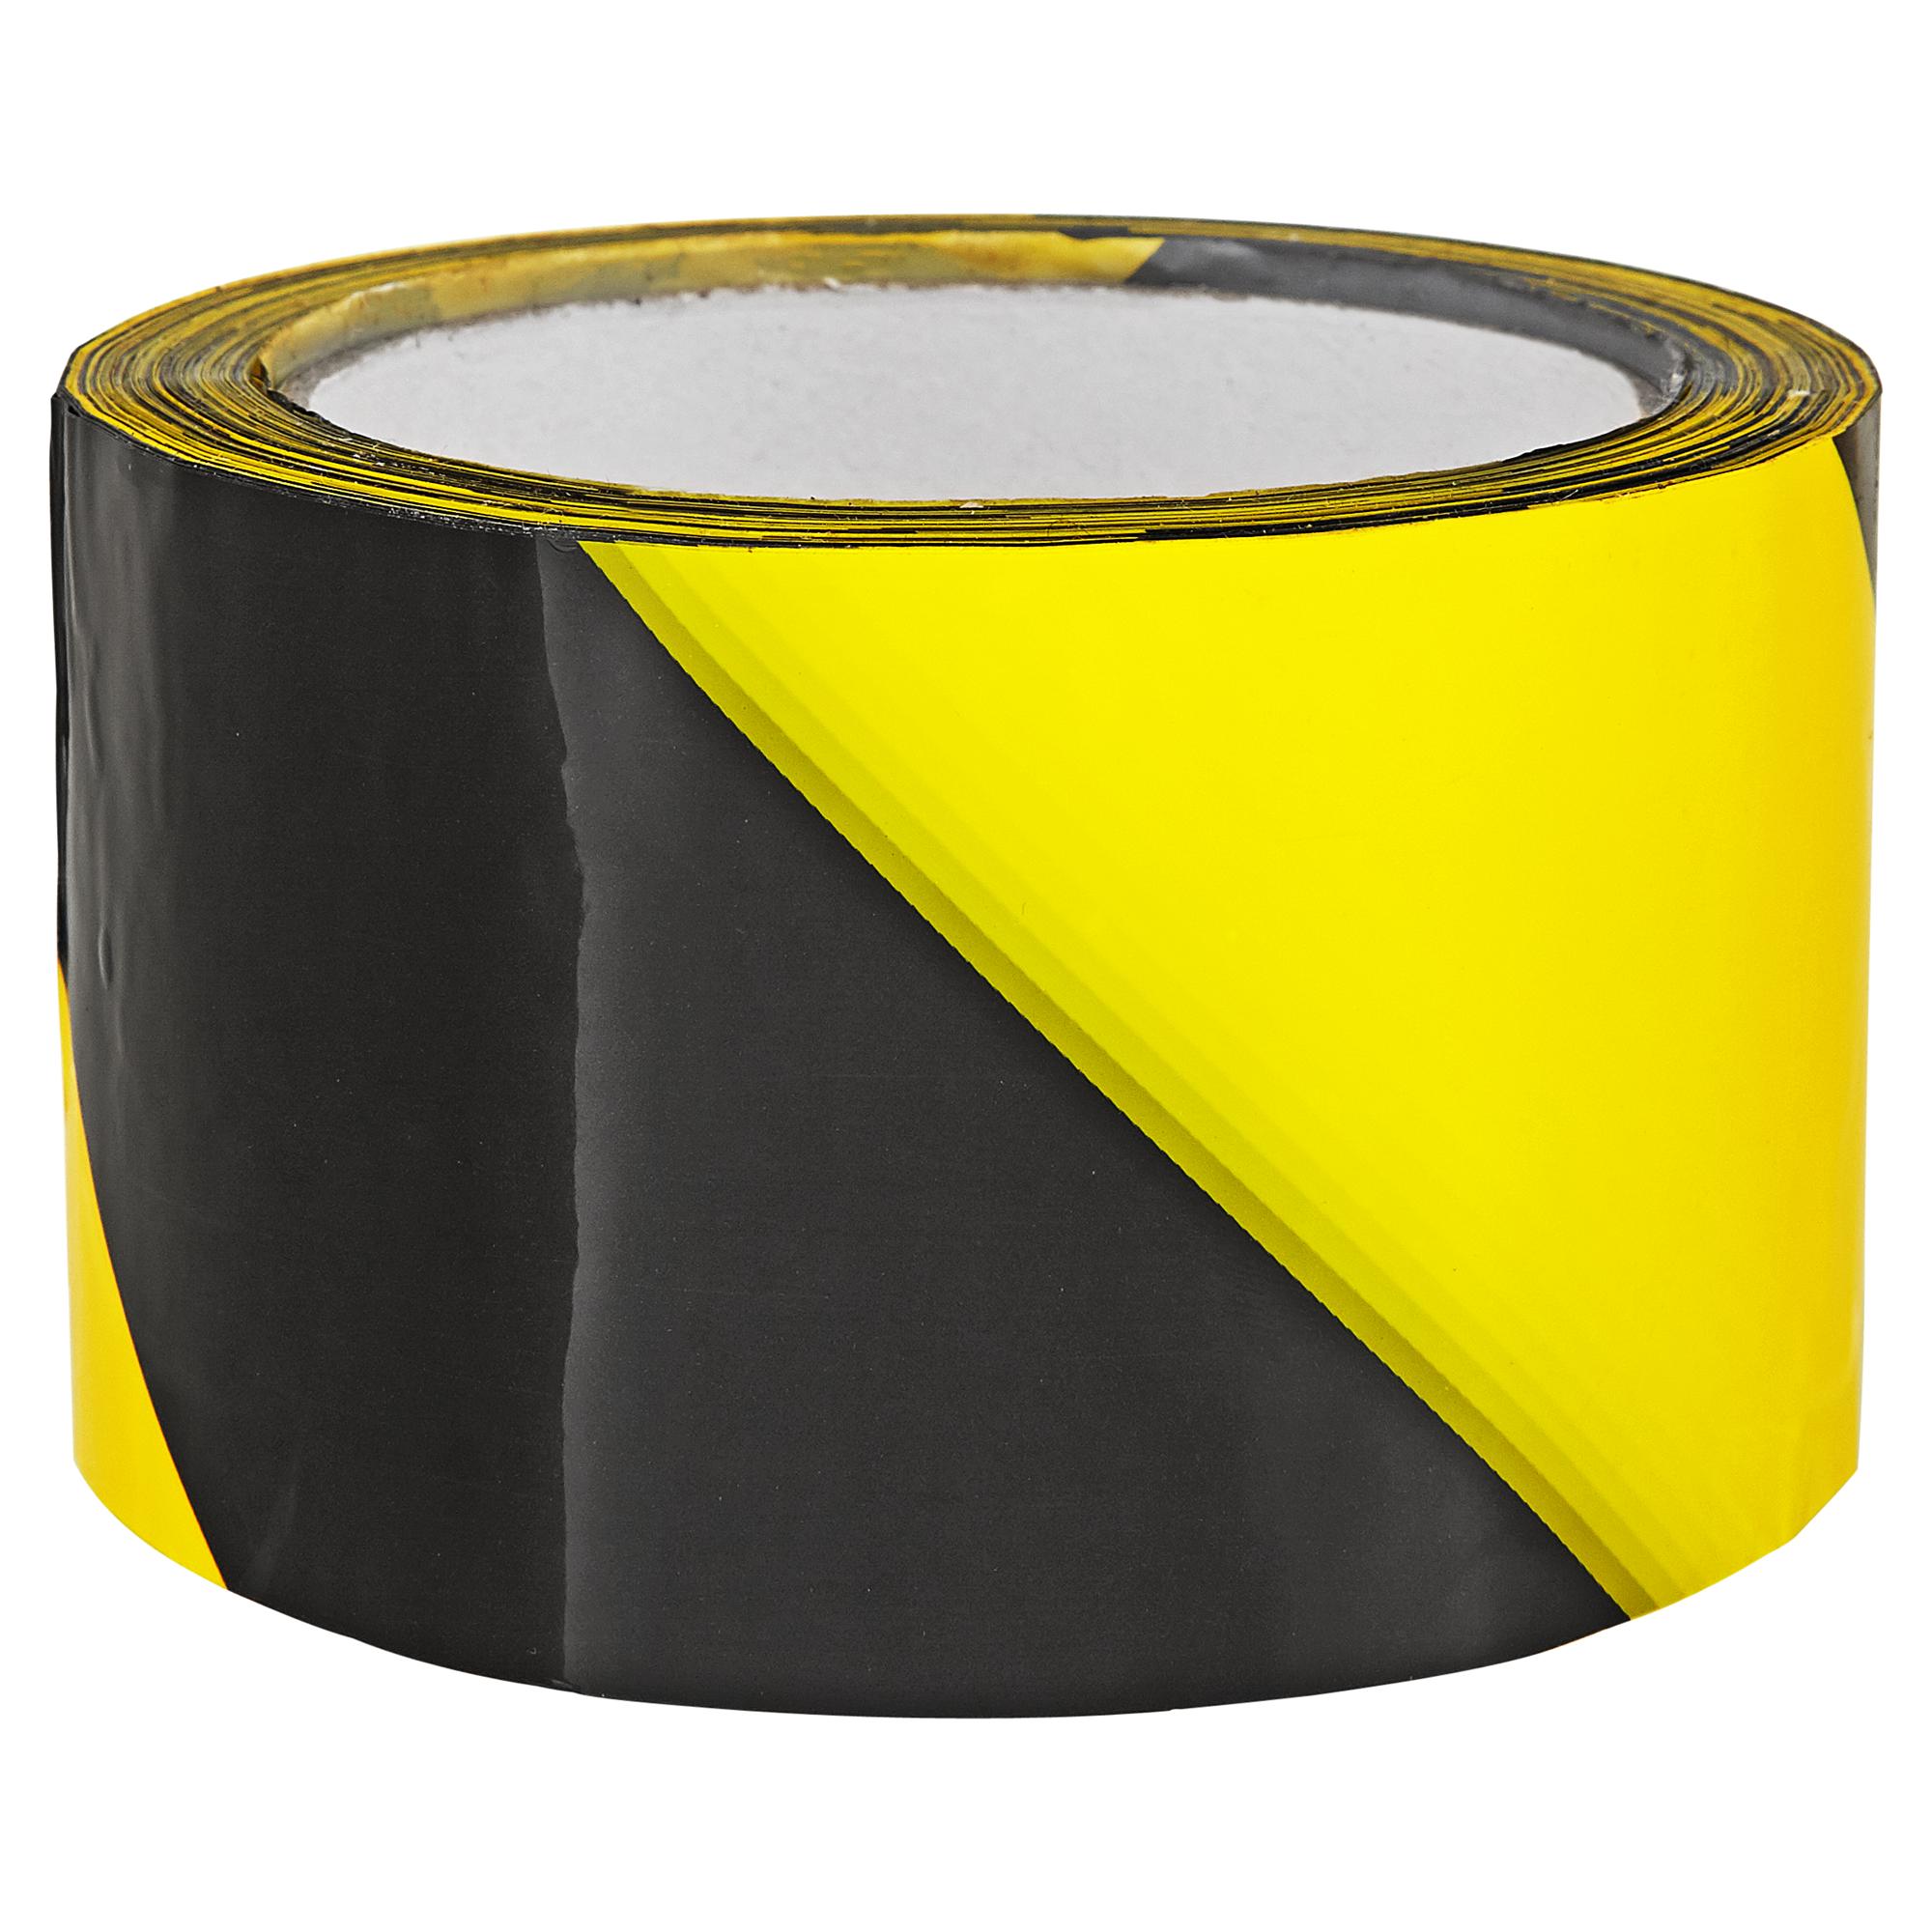 Super Absperrband gelb-schwarz 66 mm ǀ toom Baumarkt BY15